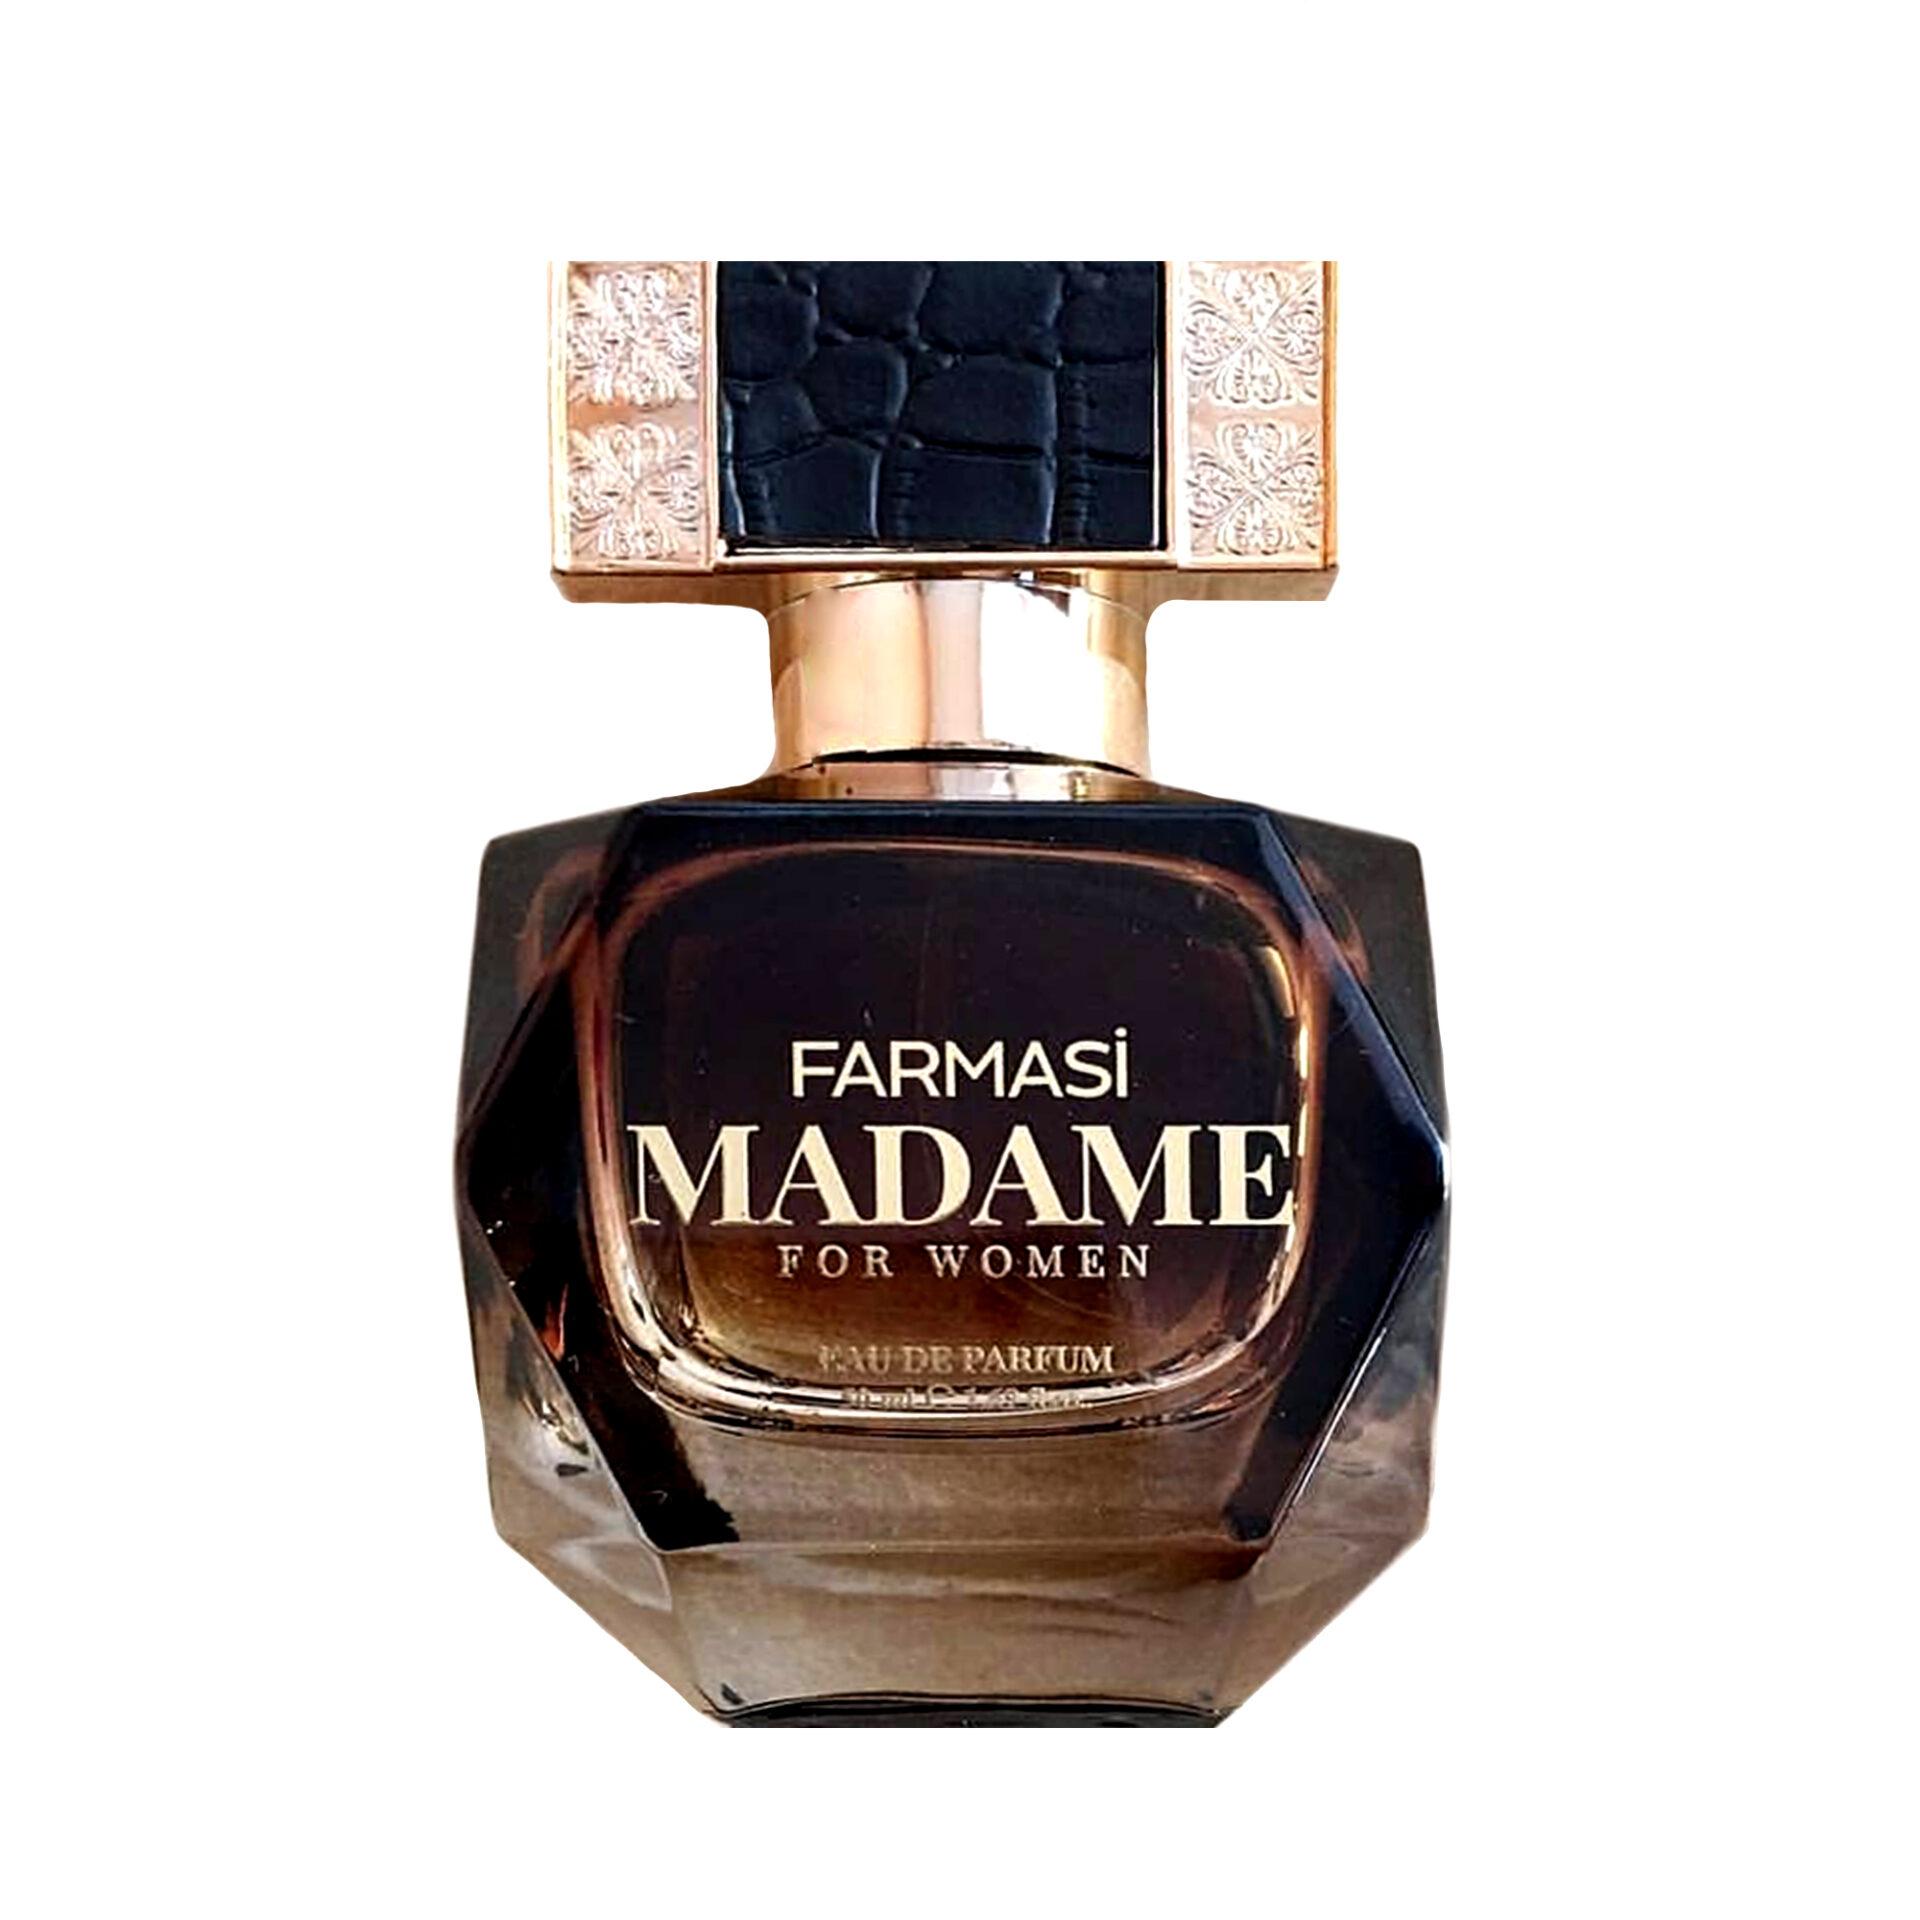 ادو پرفیوم زنانه فارماسی مدل Madame حجم 100 میلی لیتر